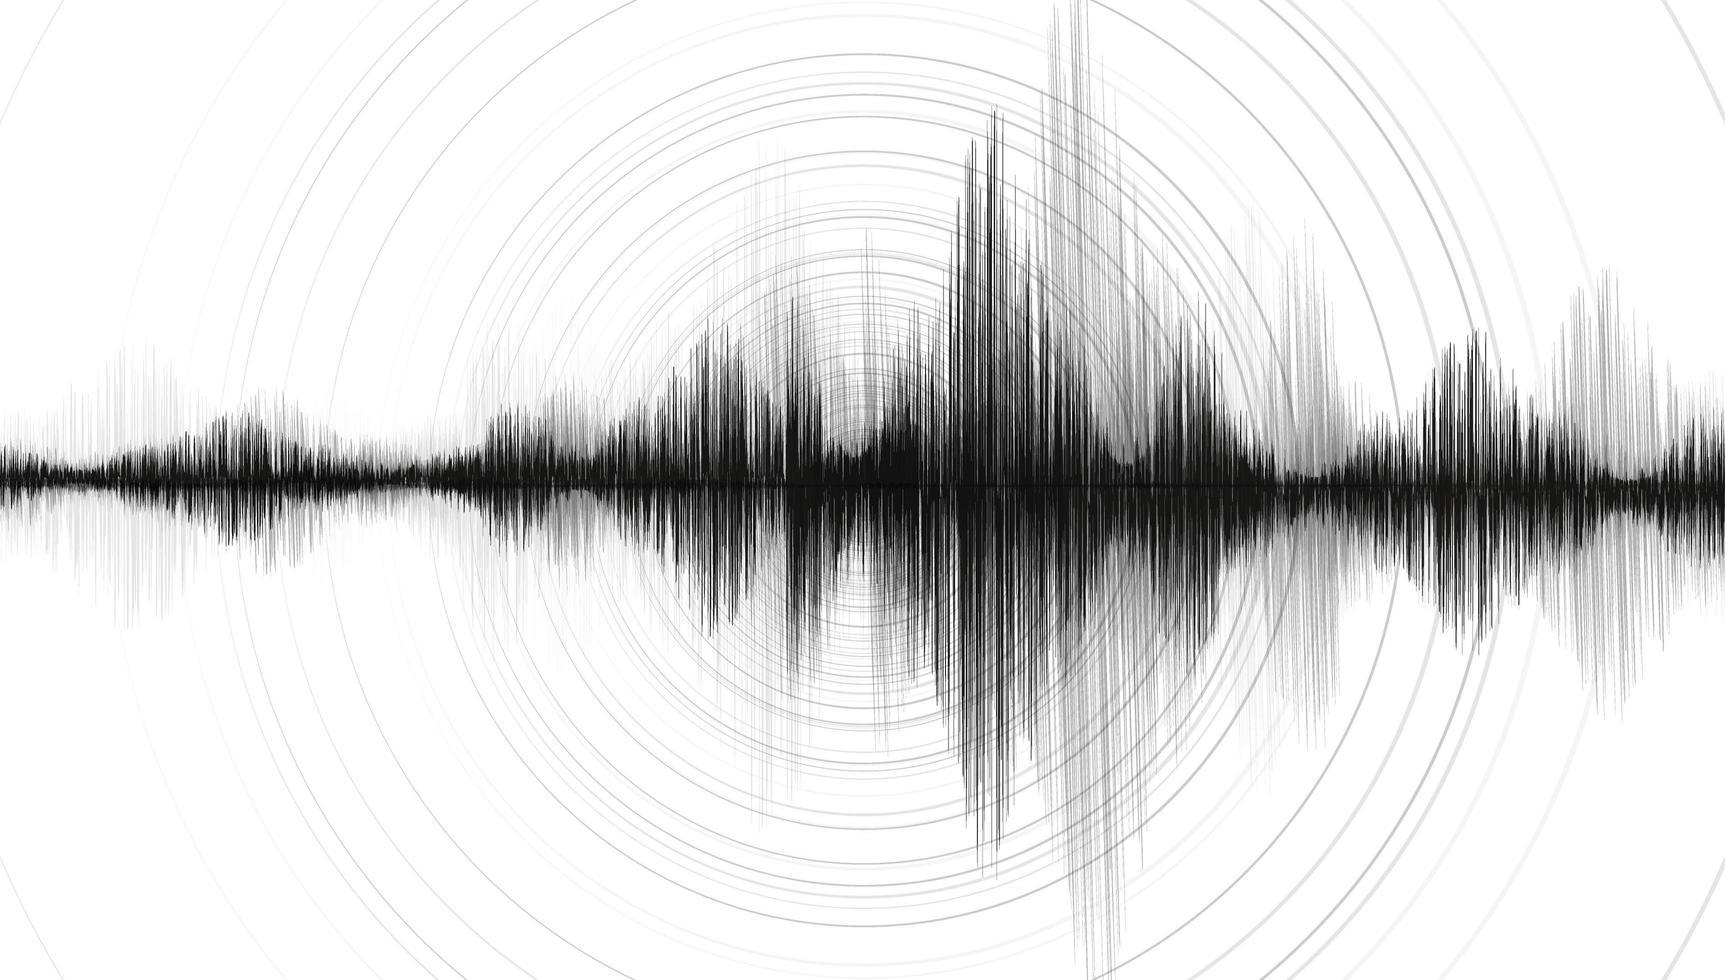 onda de terremoto negro con vibración circular vector